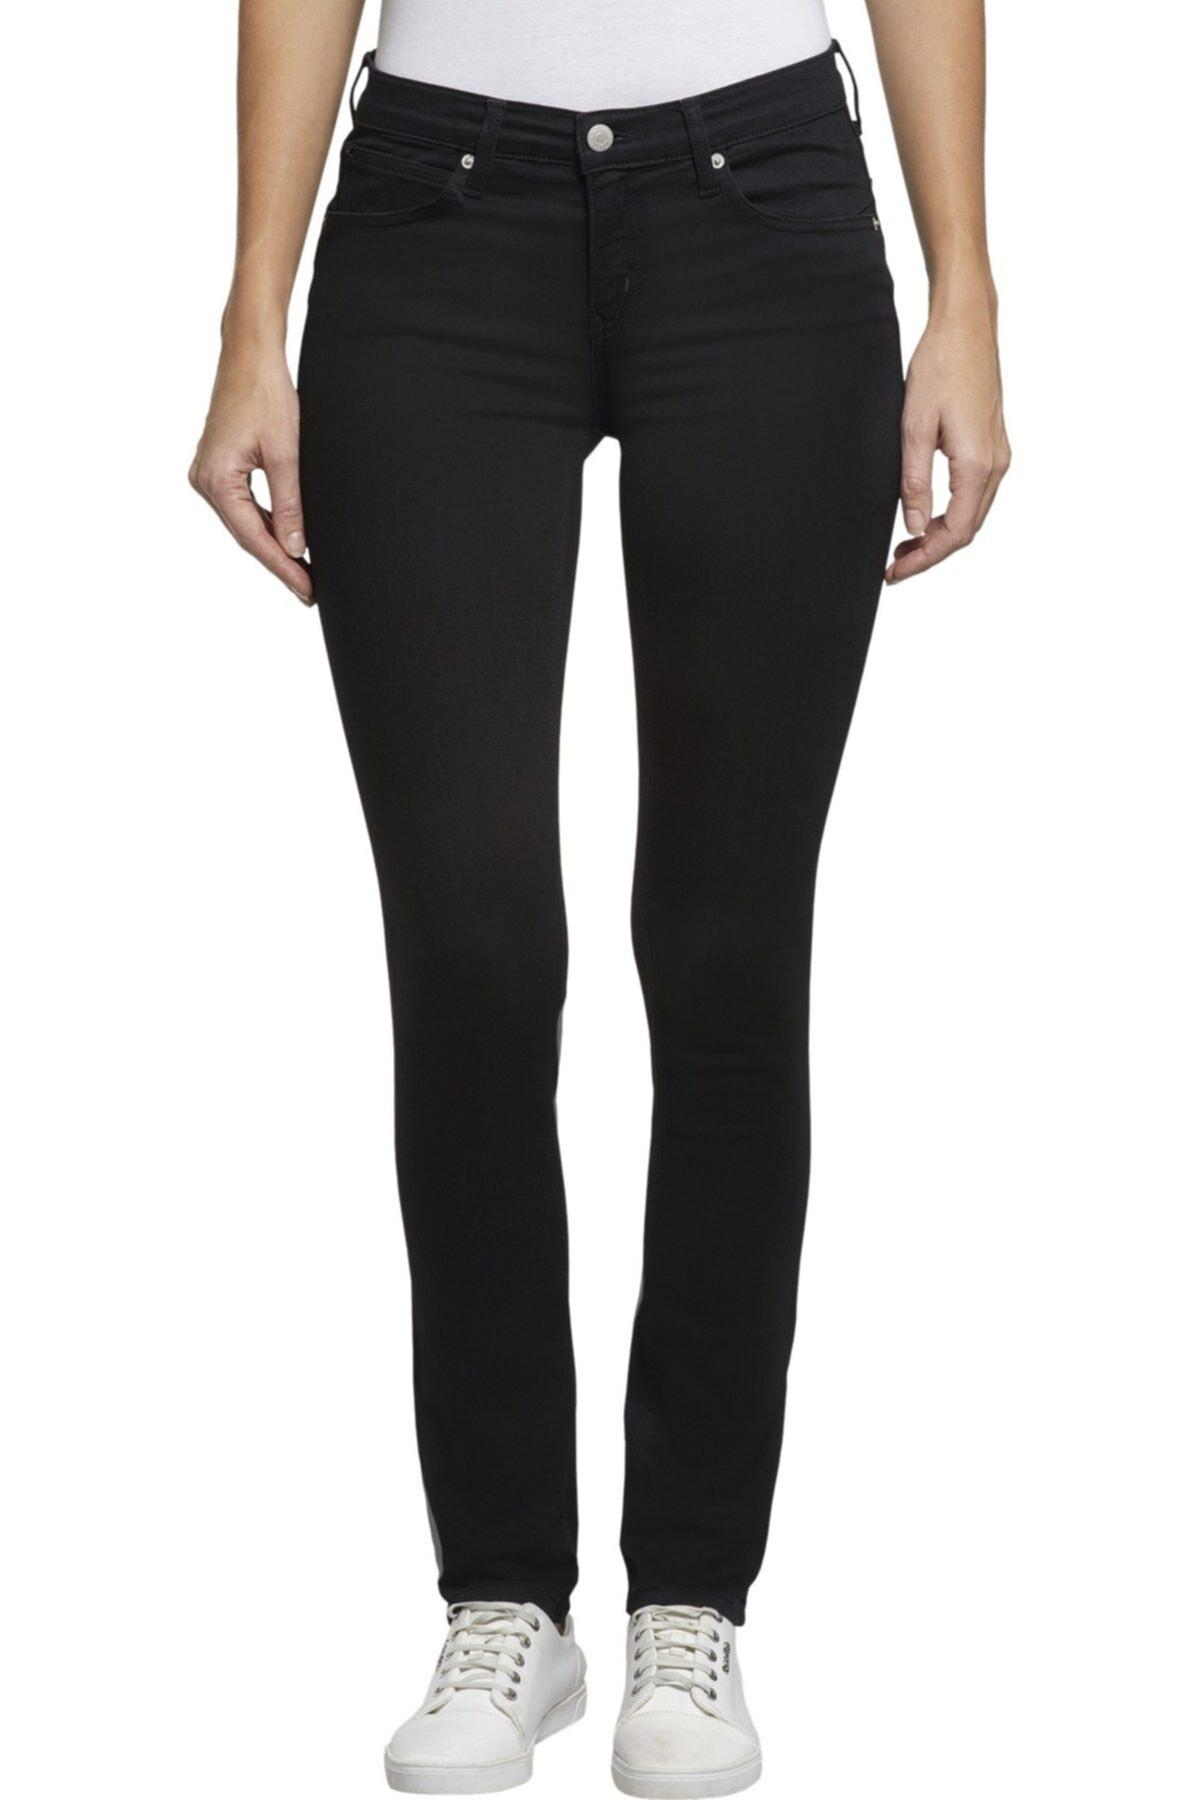 Calvin Klein Kadın Pantolon J20j212534 1